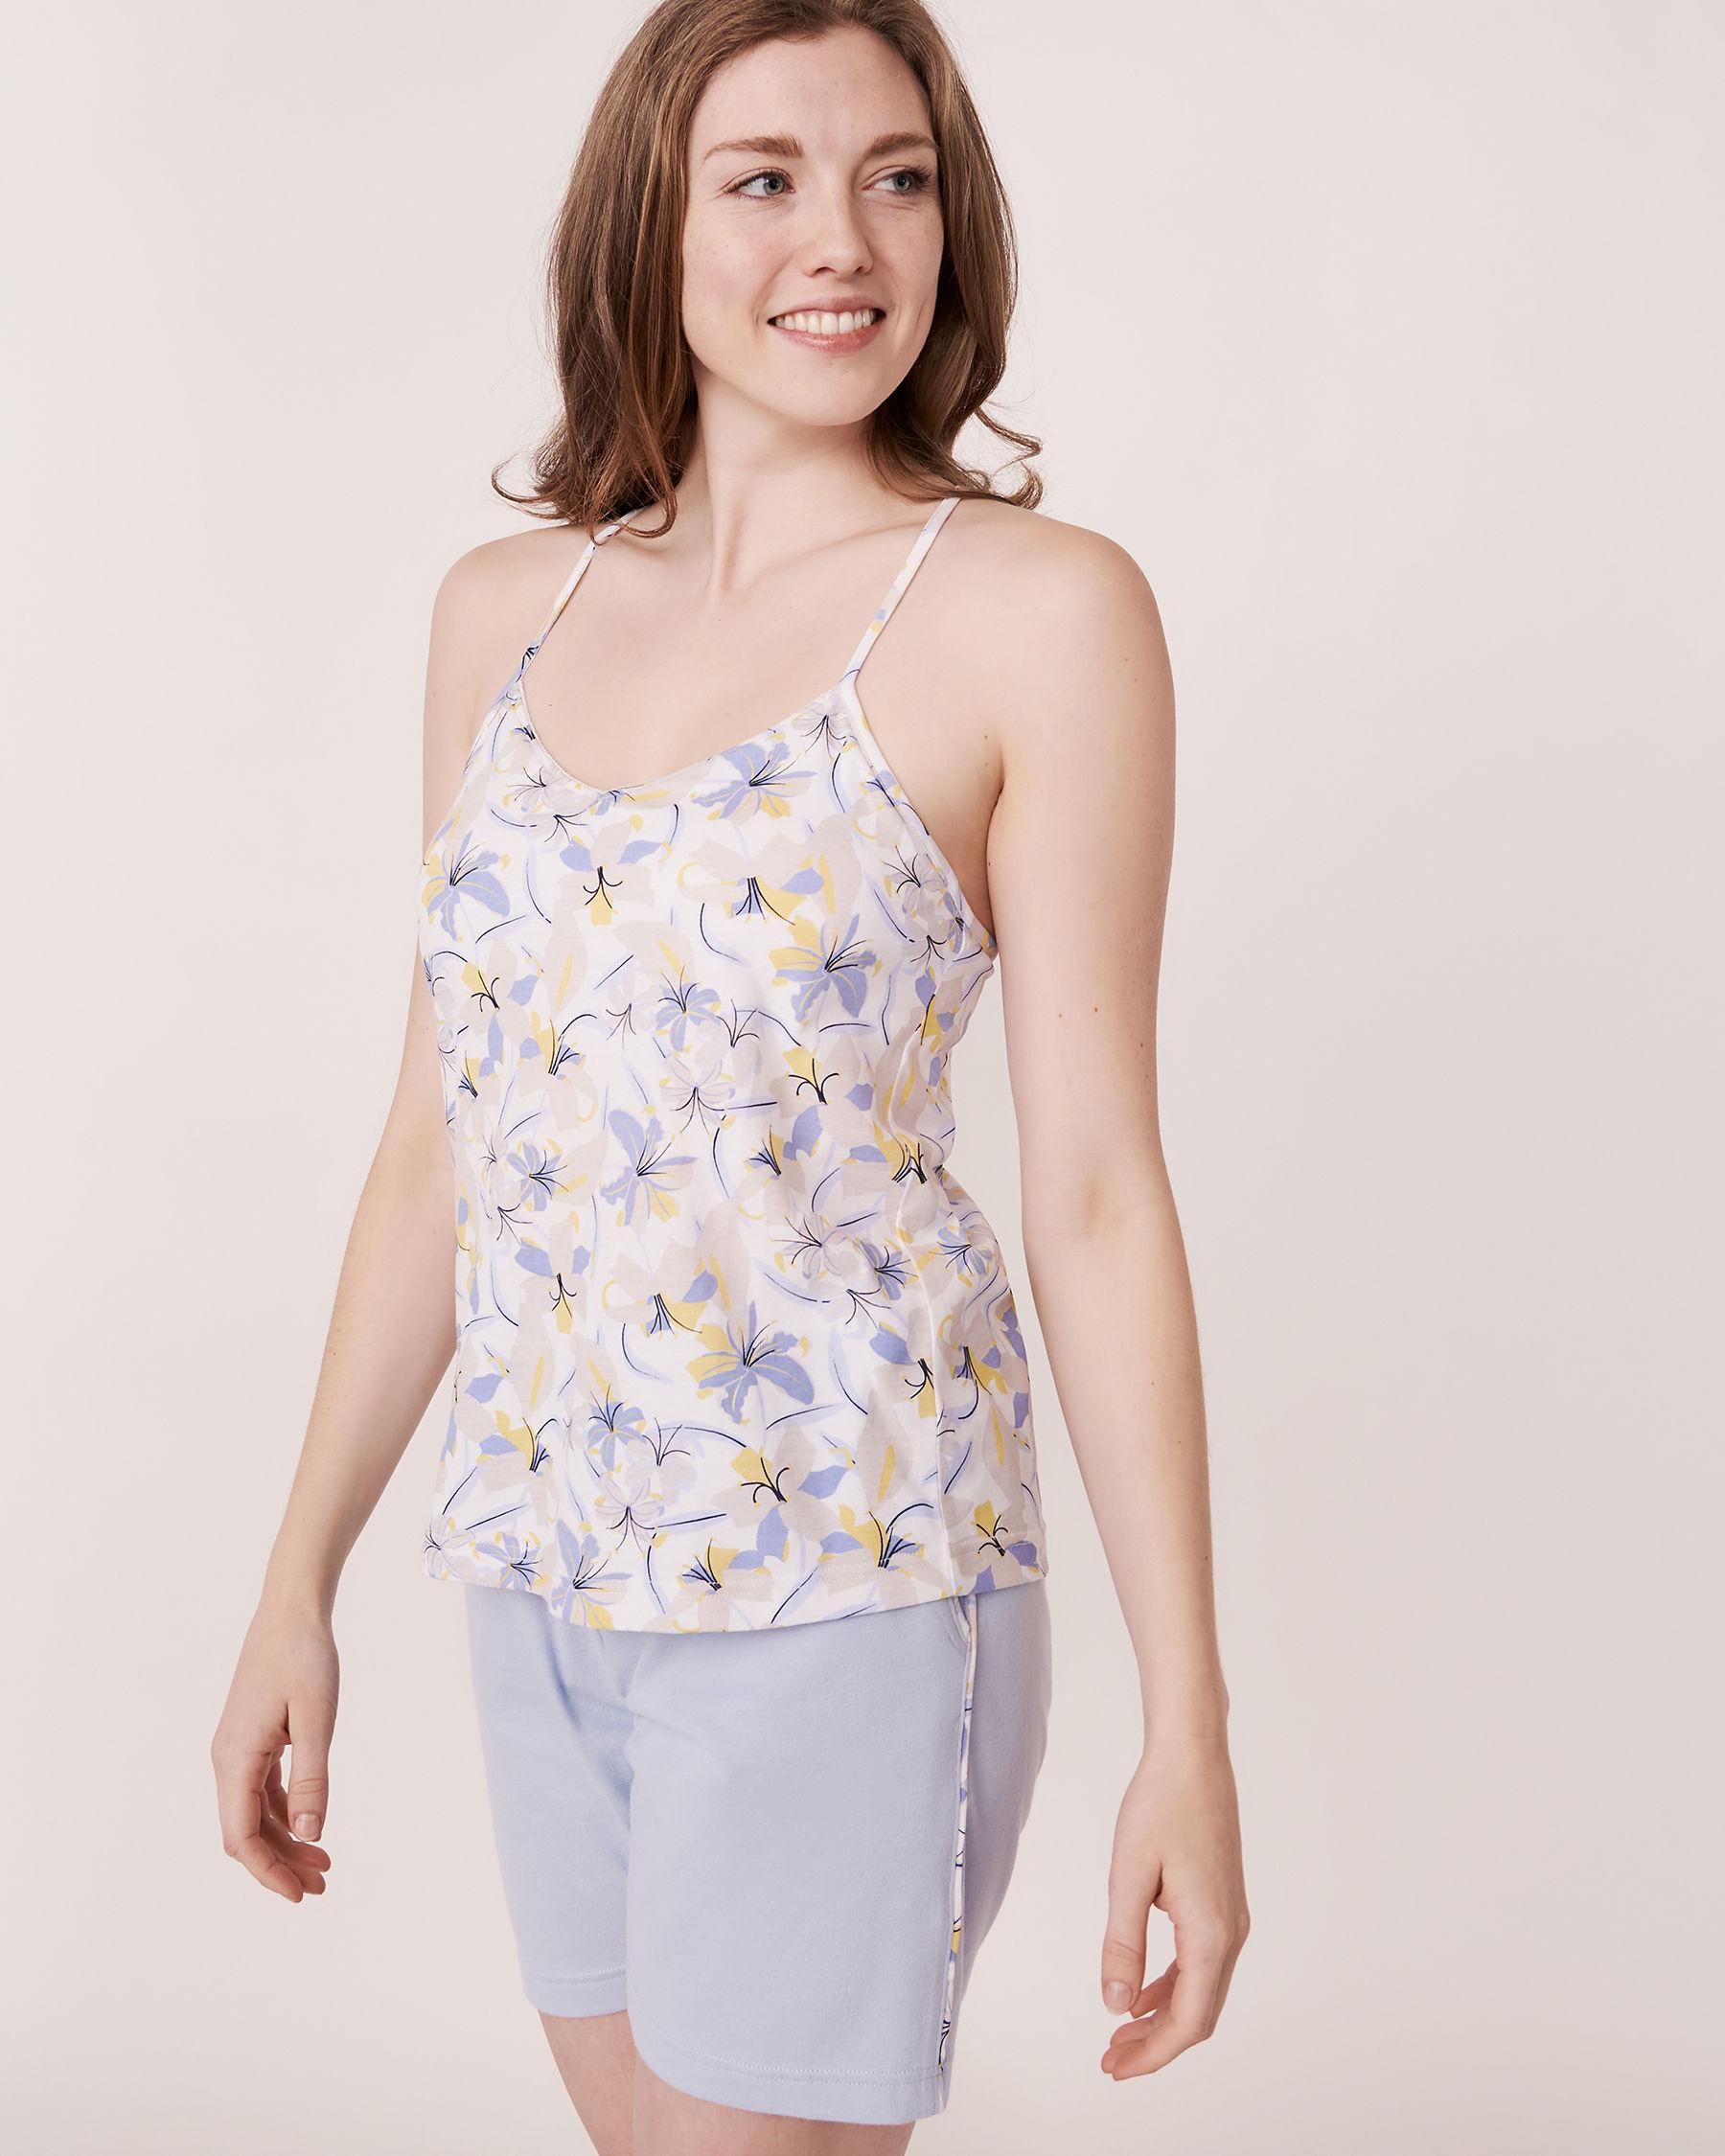 LA VIE EN ROSE Camisole dos nageur pétales 3D Imprimé floral 40100011 - Voir1